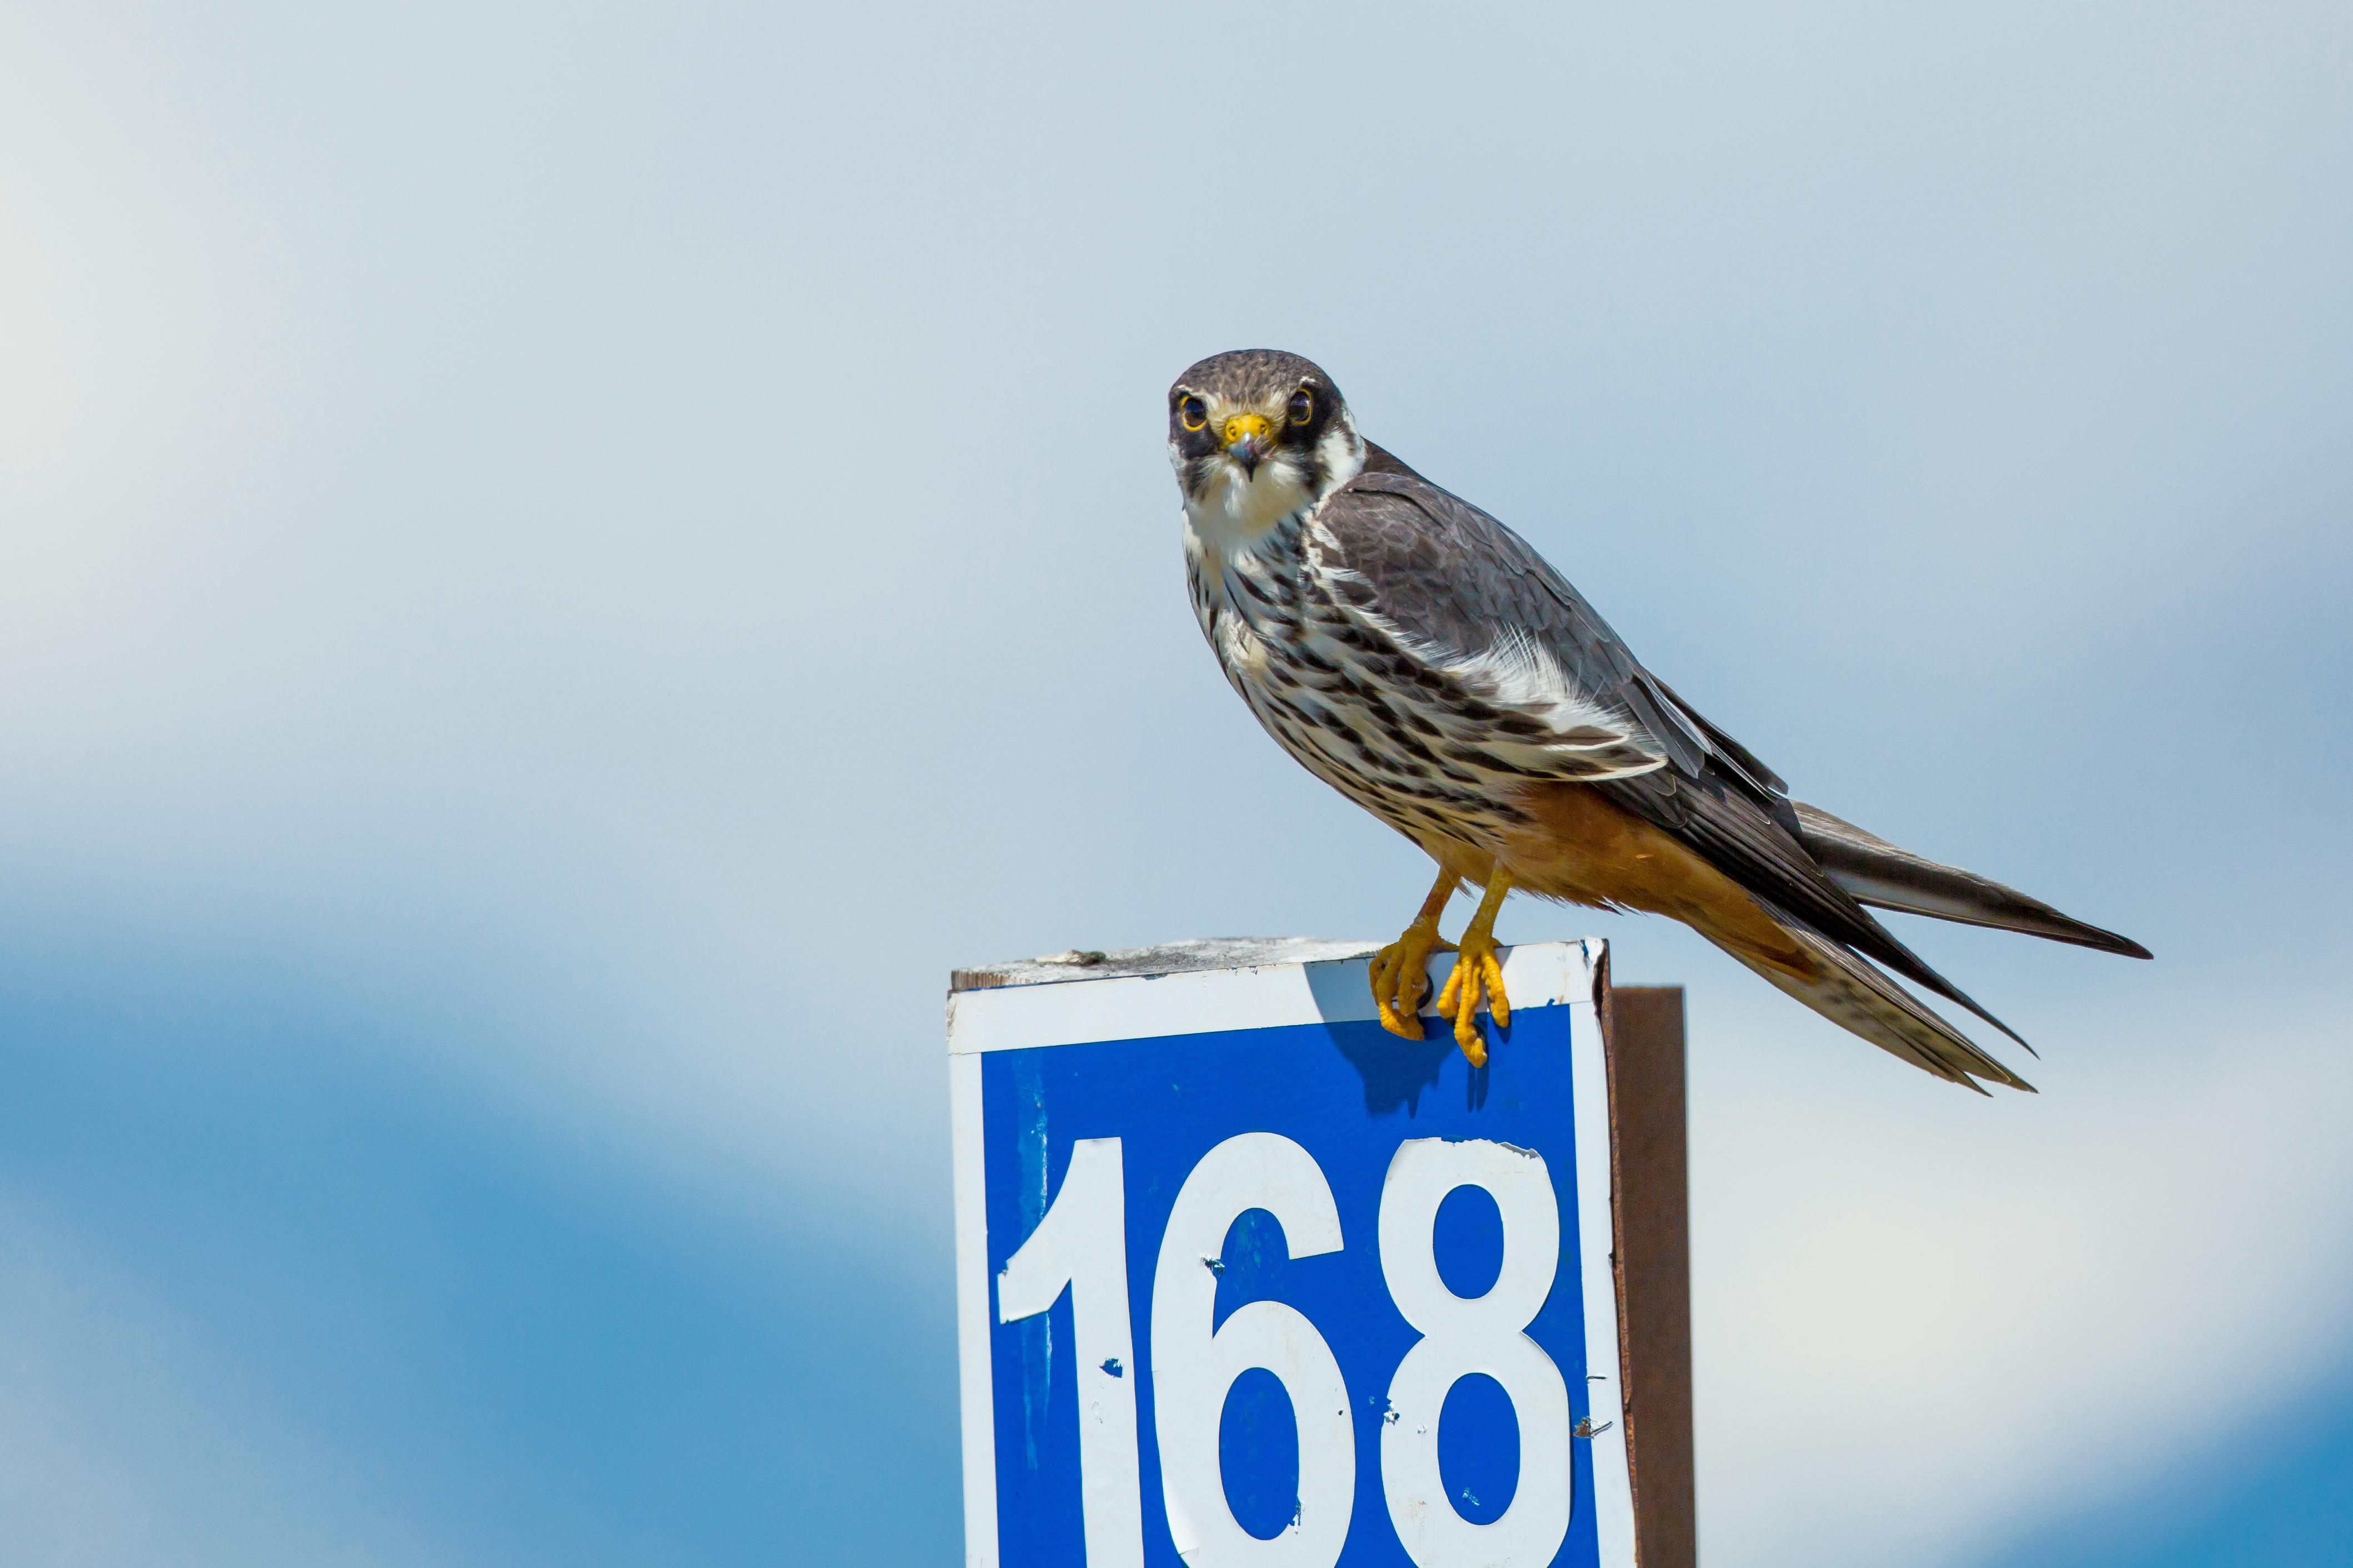 Bird on the Board, Animal, Bird, Board, Flight, HQ Photo